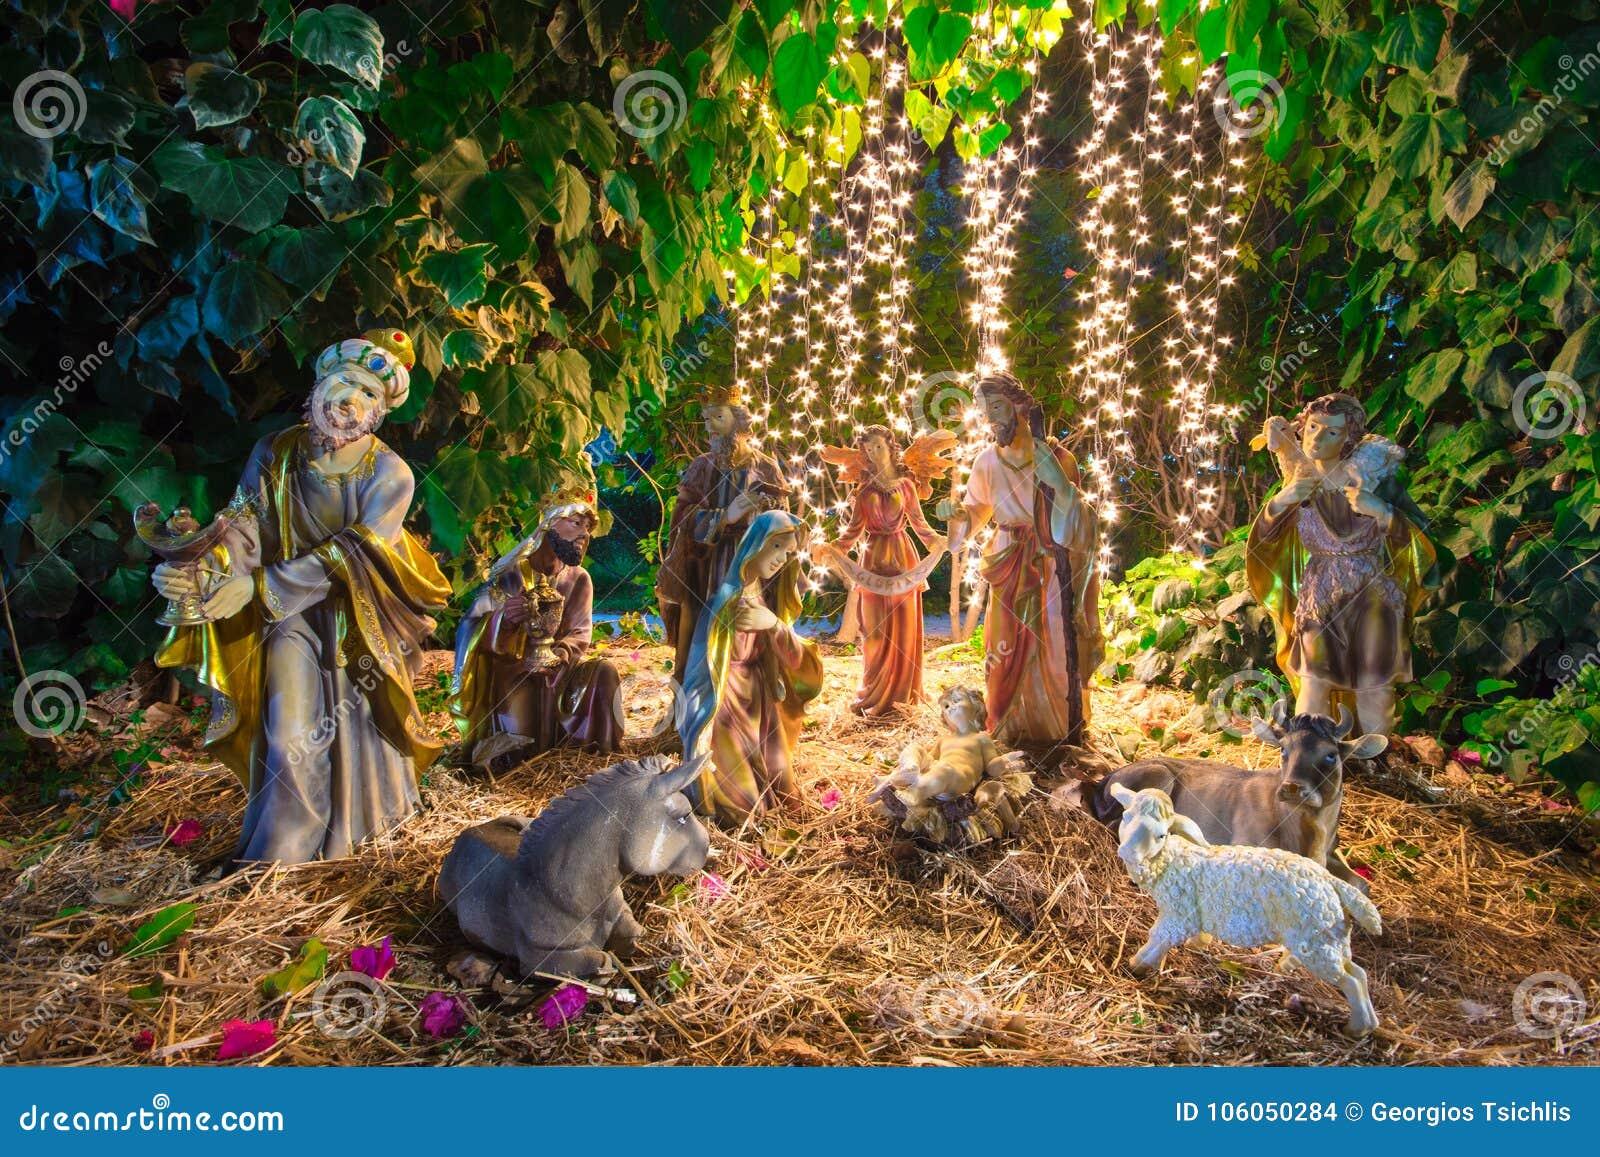 Scène de Manger de Noël avec des figurines